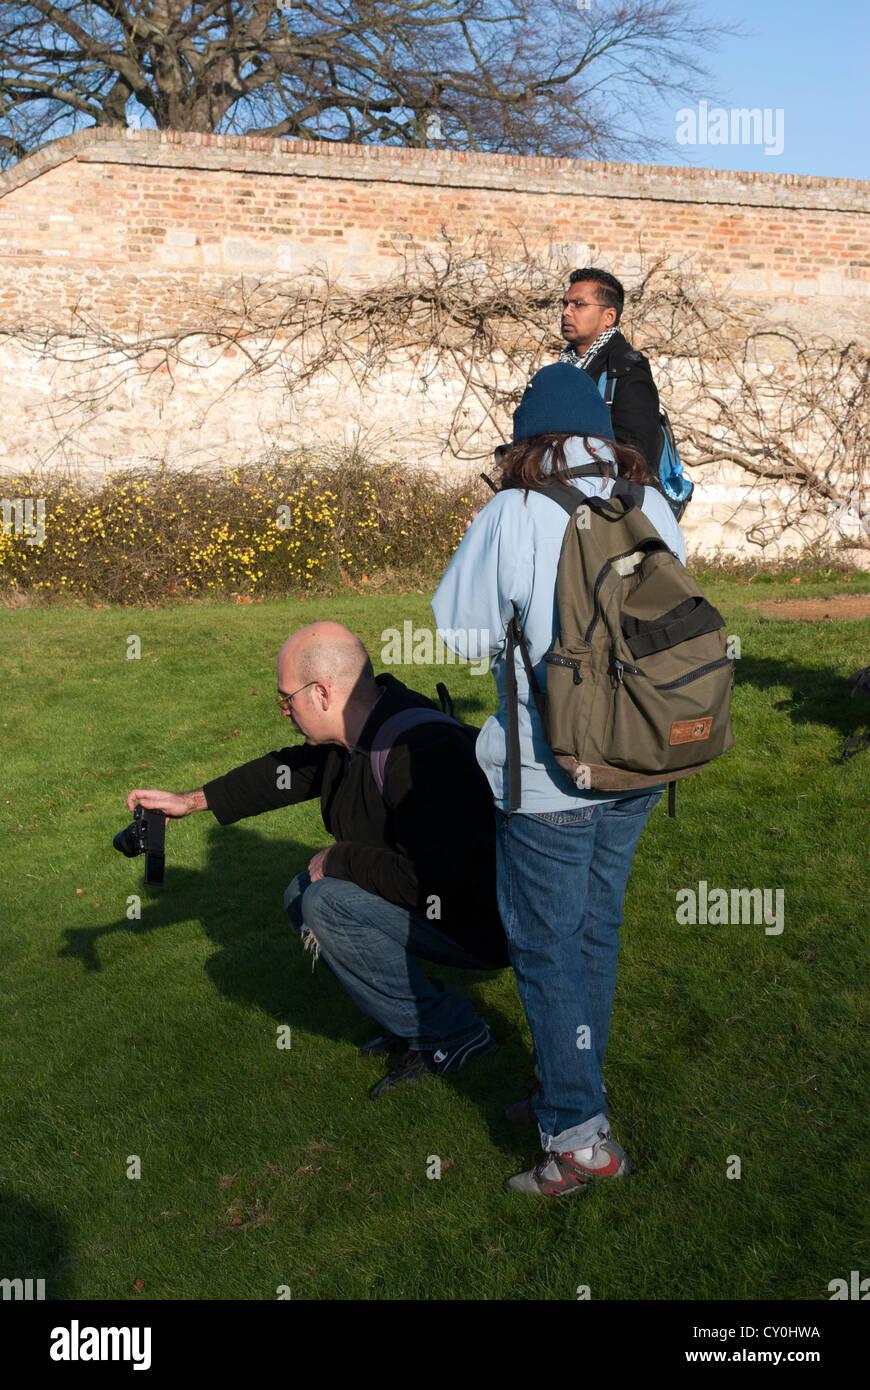 Mann nach unten um zu fotografieren mit anderen Menschen stand neben ihm hocken Stockfoto